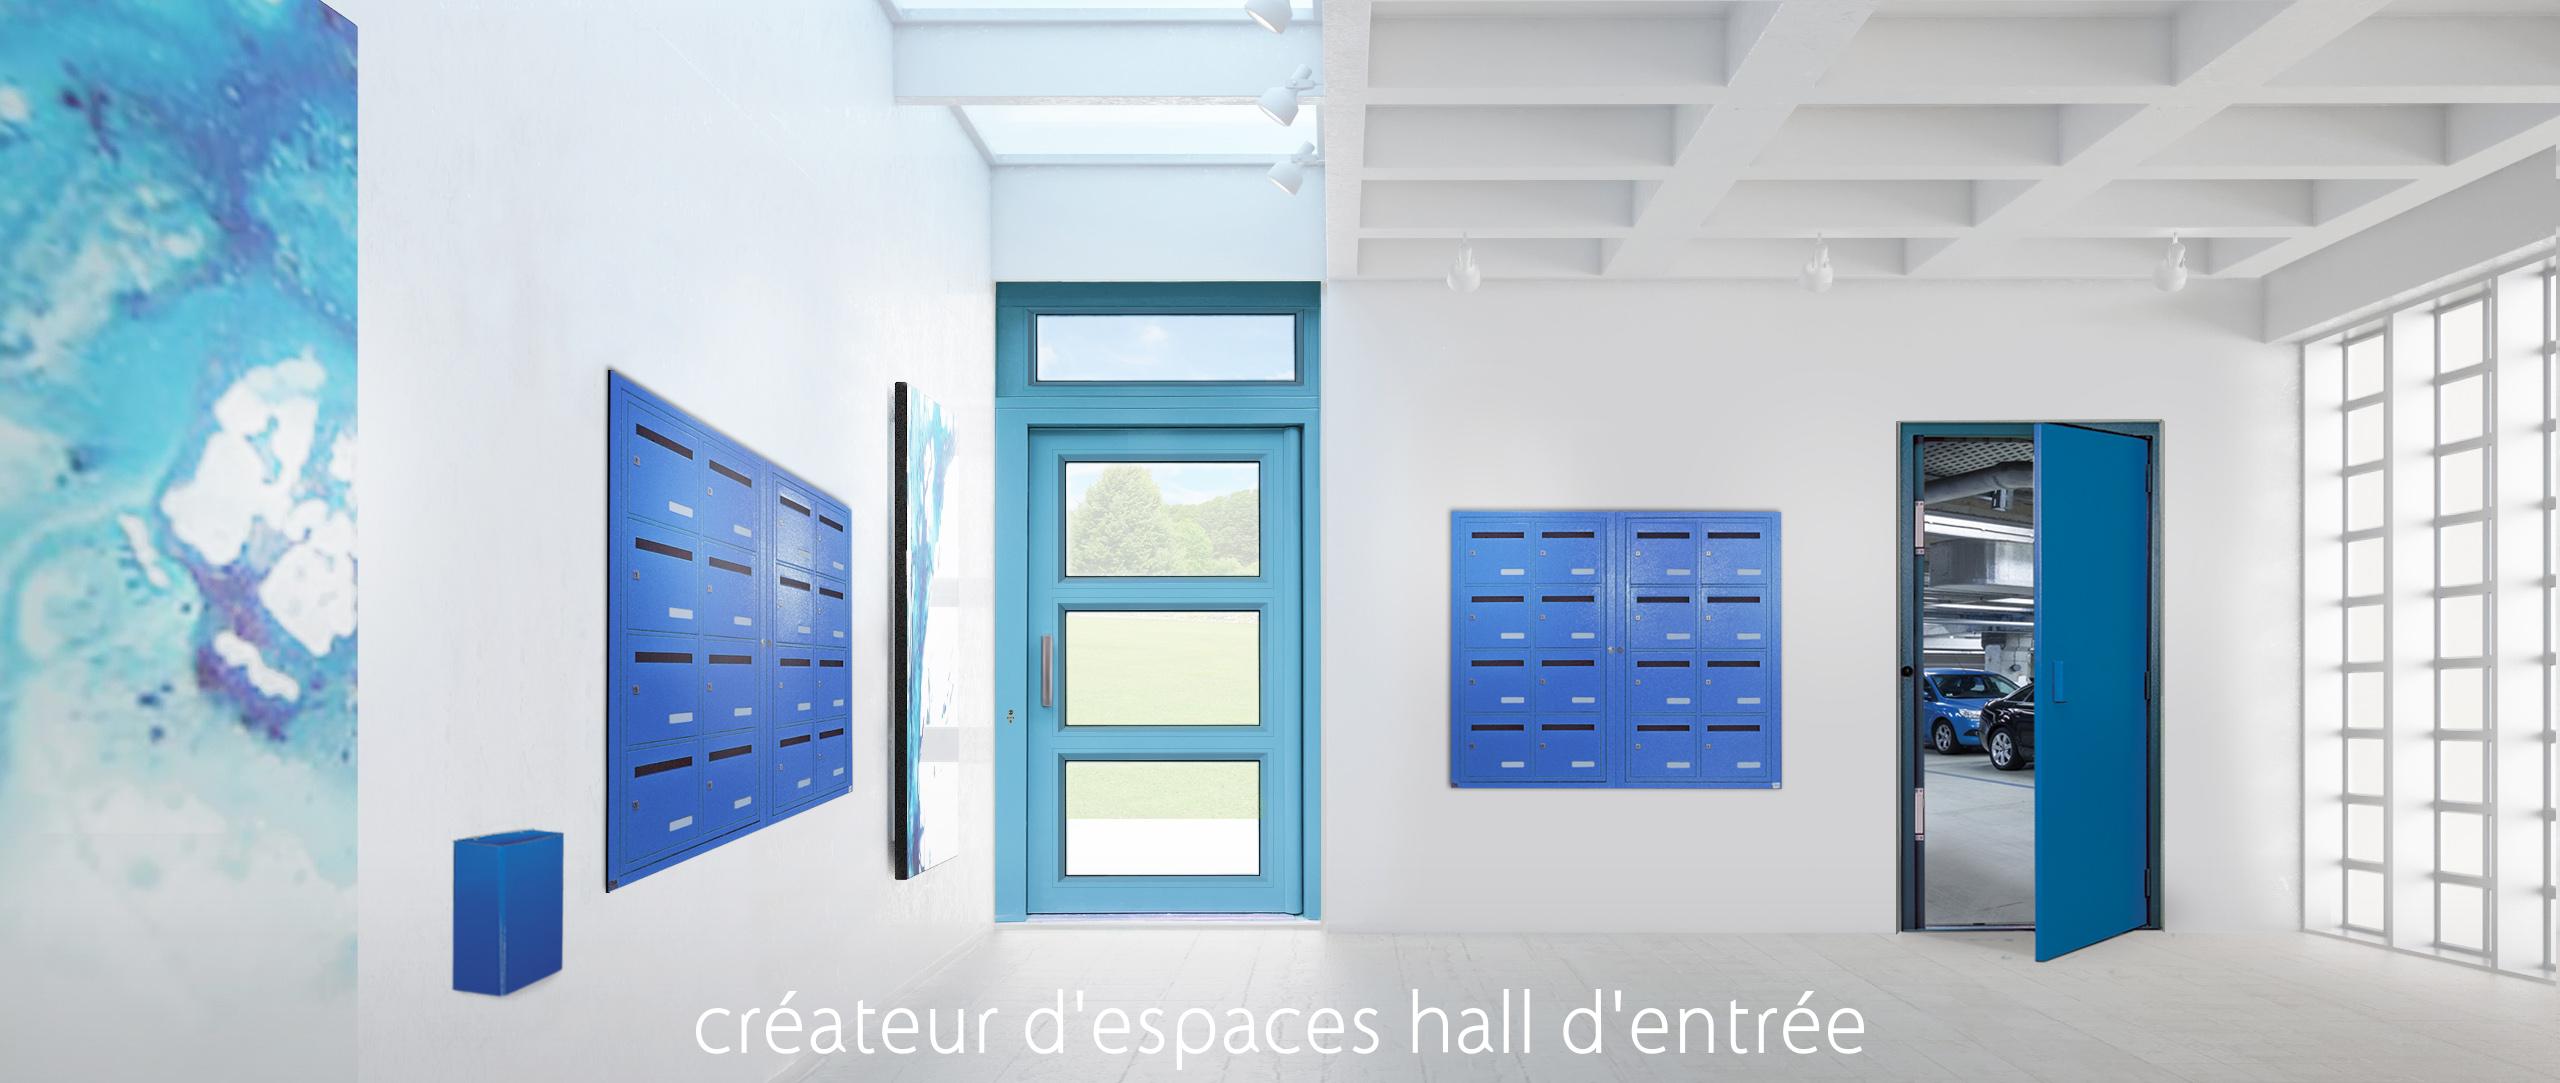 cr�ateur d'espaces hall d'entr�e - cibox